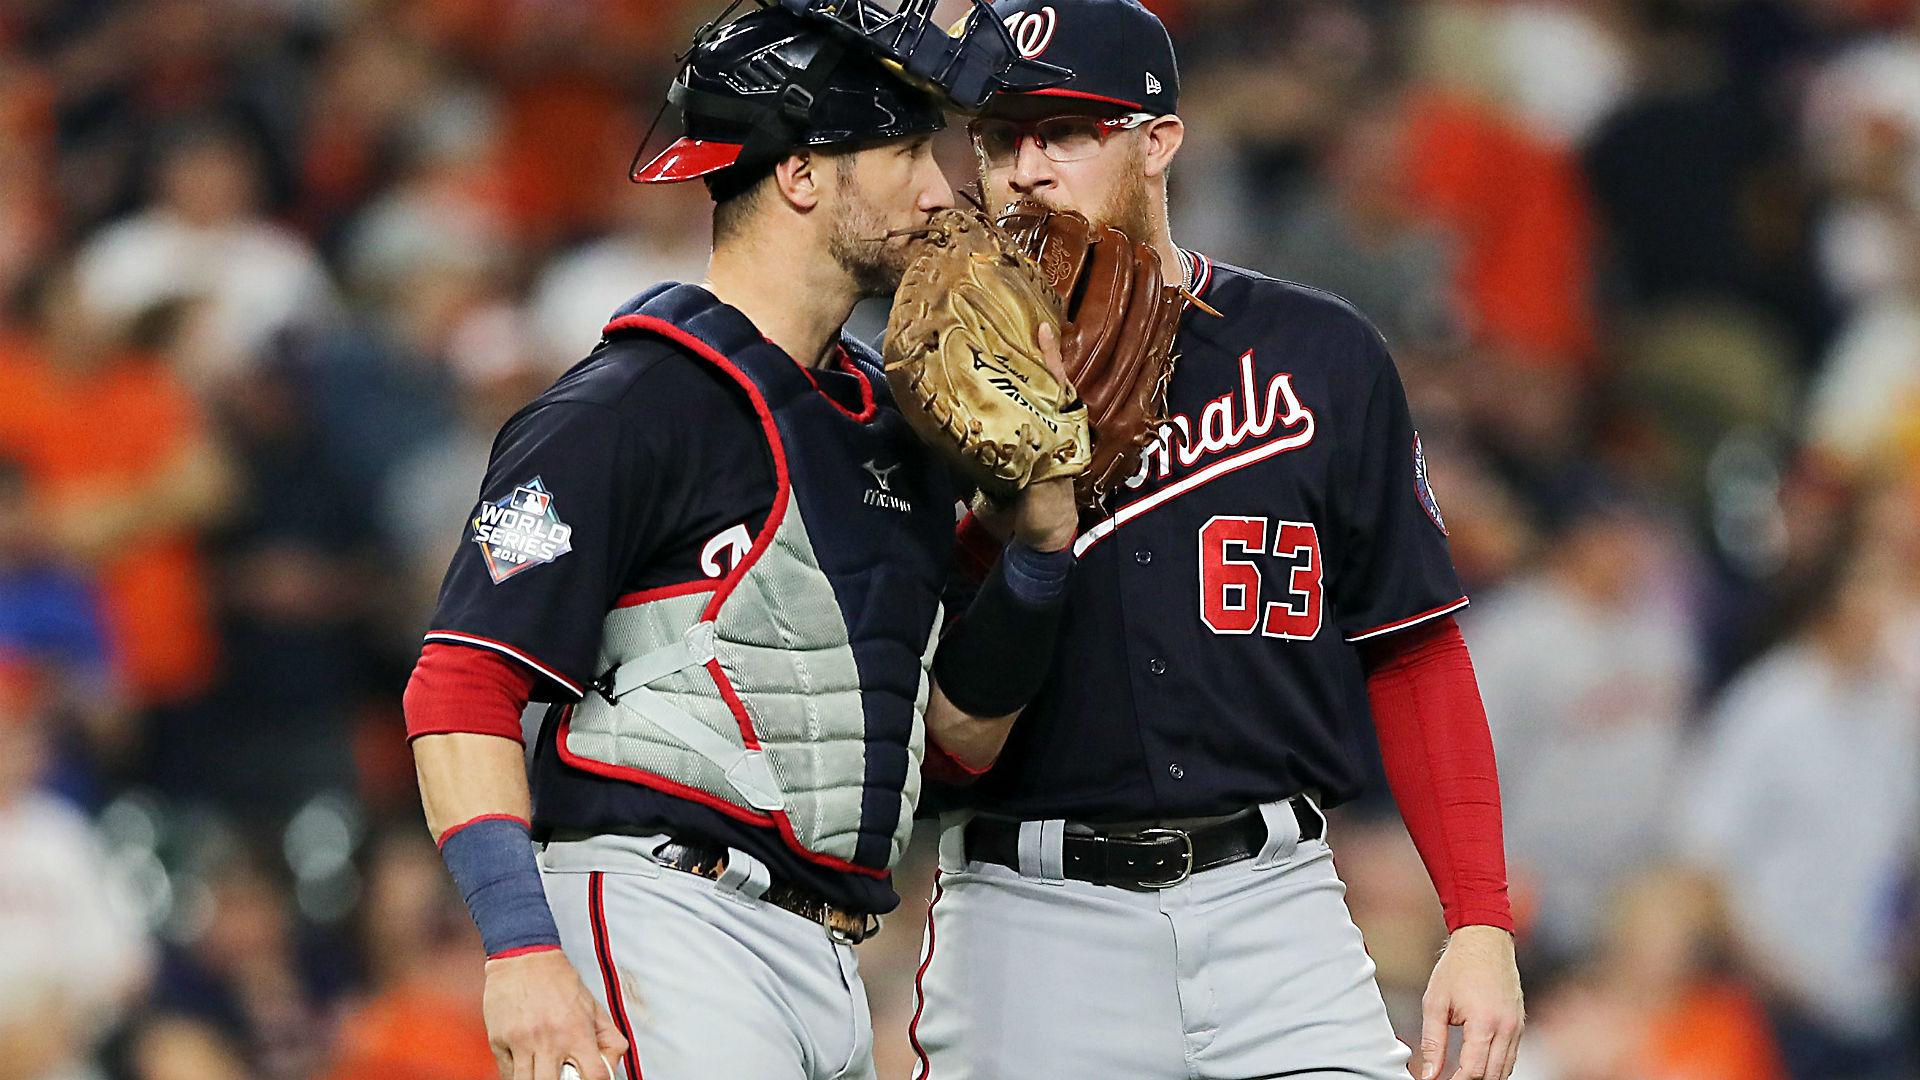 Los nacionales intentaron hacer que el robo de carteles fuera lo más difícil posible para los Astros en la Serie Mundial 2